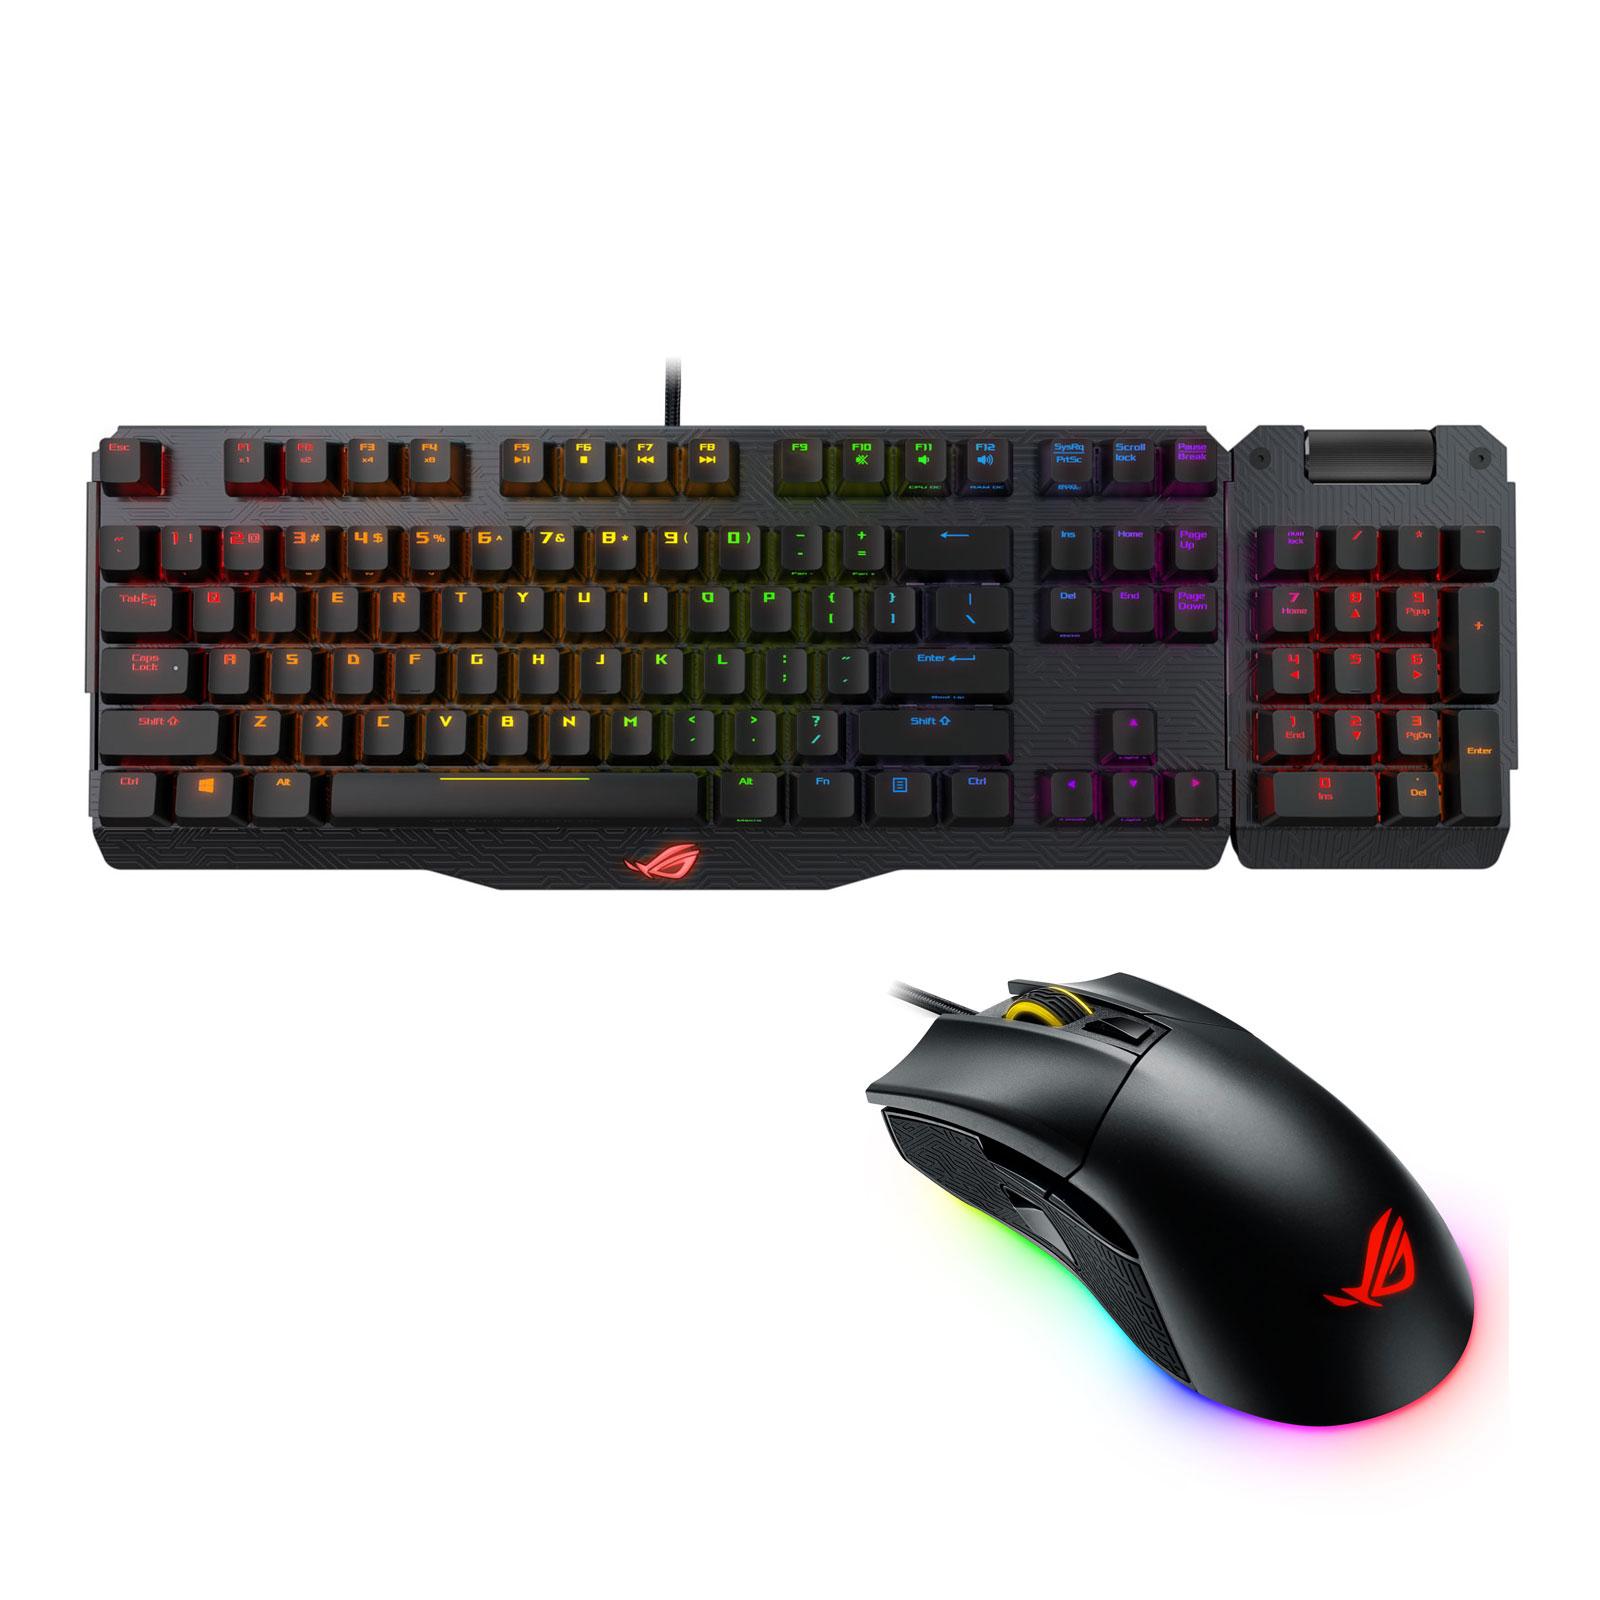 Pack clavier souris ASUS ROG Republic of Gamers Claymore (MX Red) + Gladius II Ensemble pour gamer avec clavier mécanique RGB, pavé numérique amovible et souris optique 12000 dpi 7 boutons RGB